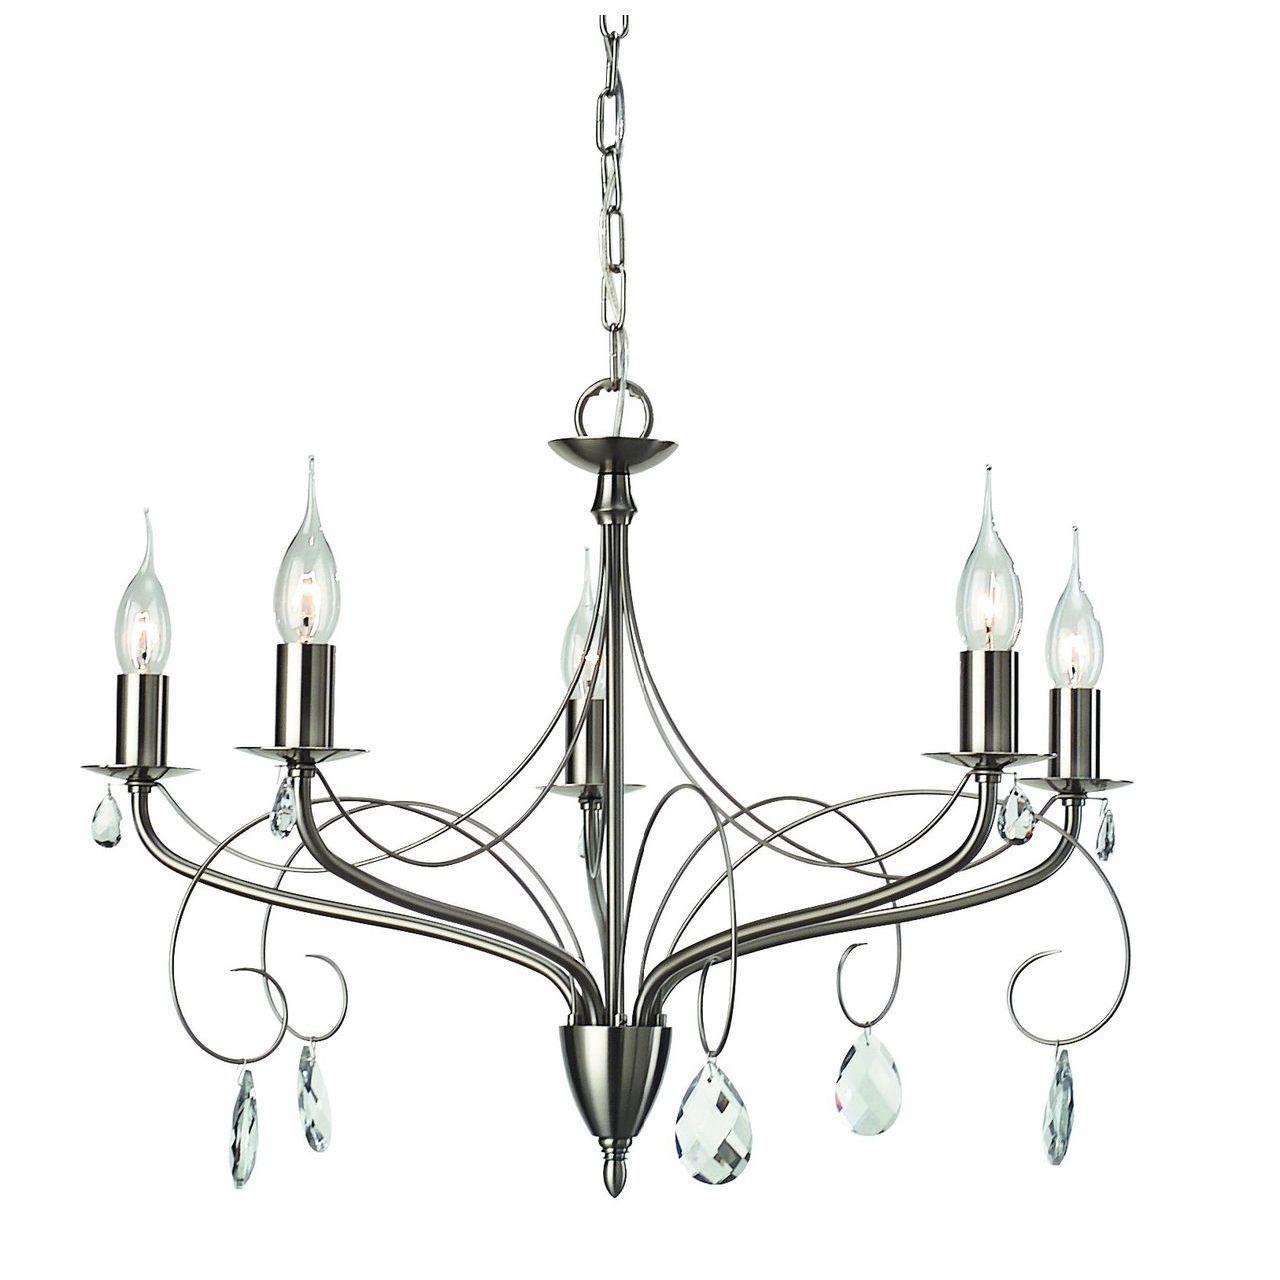 Купить Подвесная люстра Arte Lamp Purezza a6645lm-5ss, inmyroom, Италия